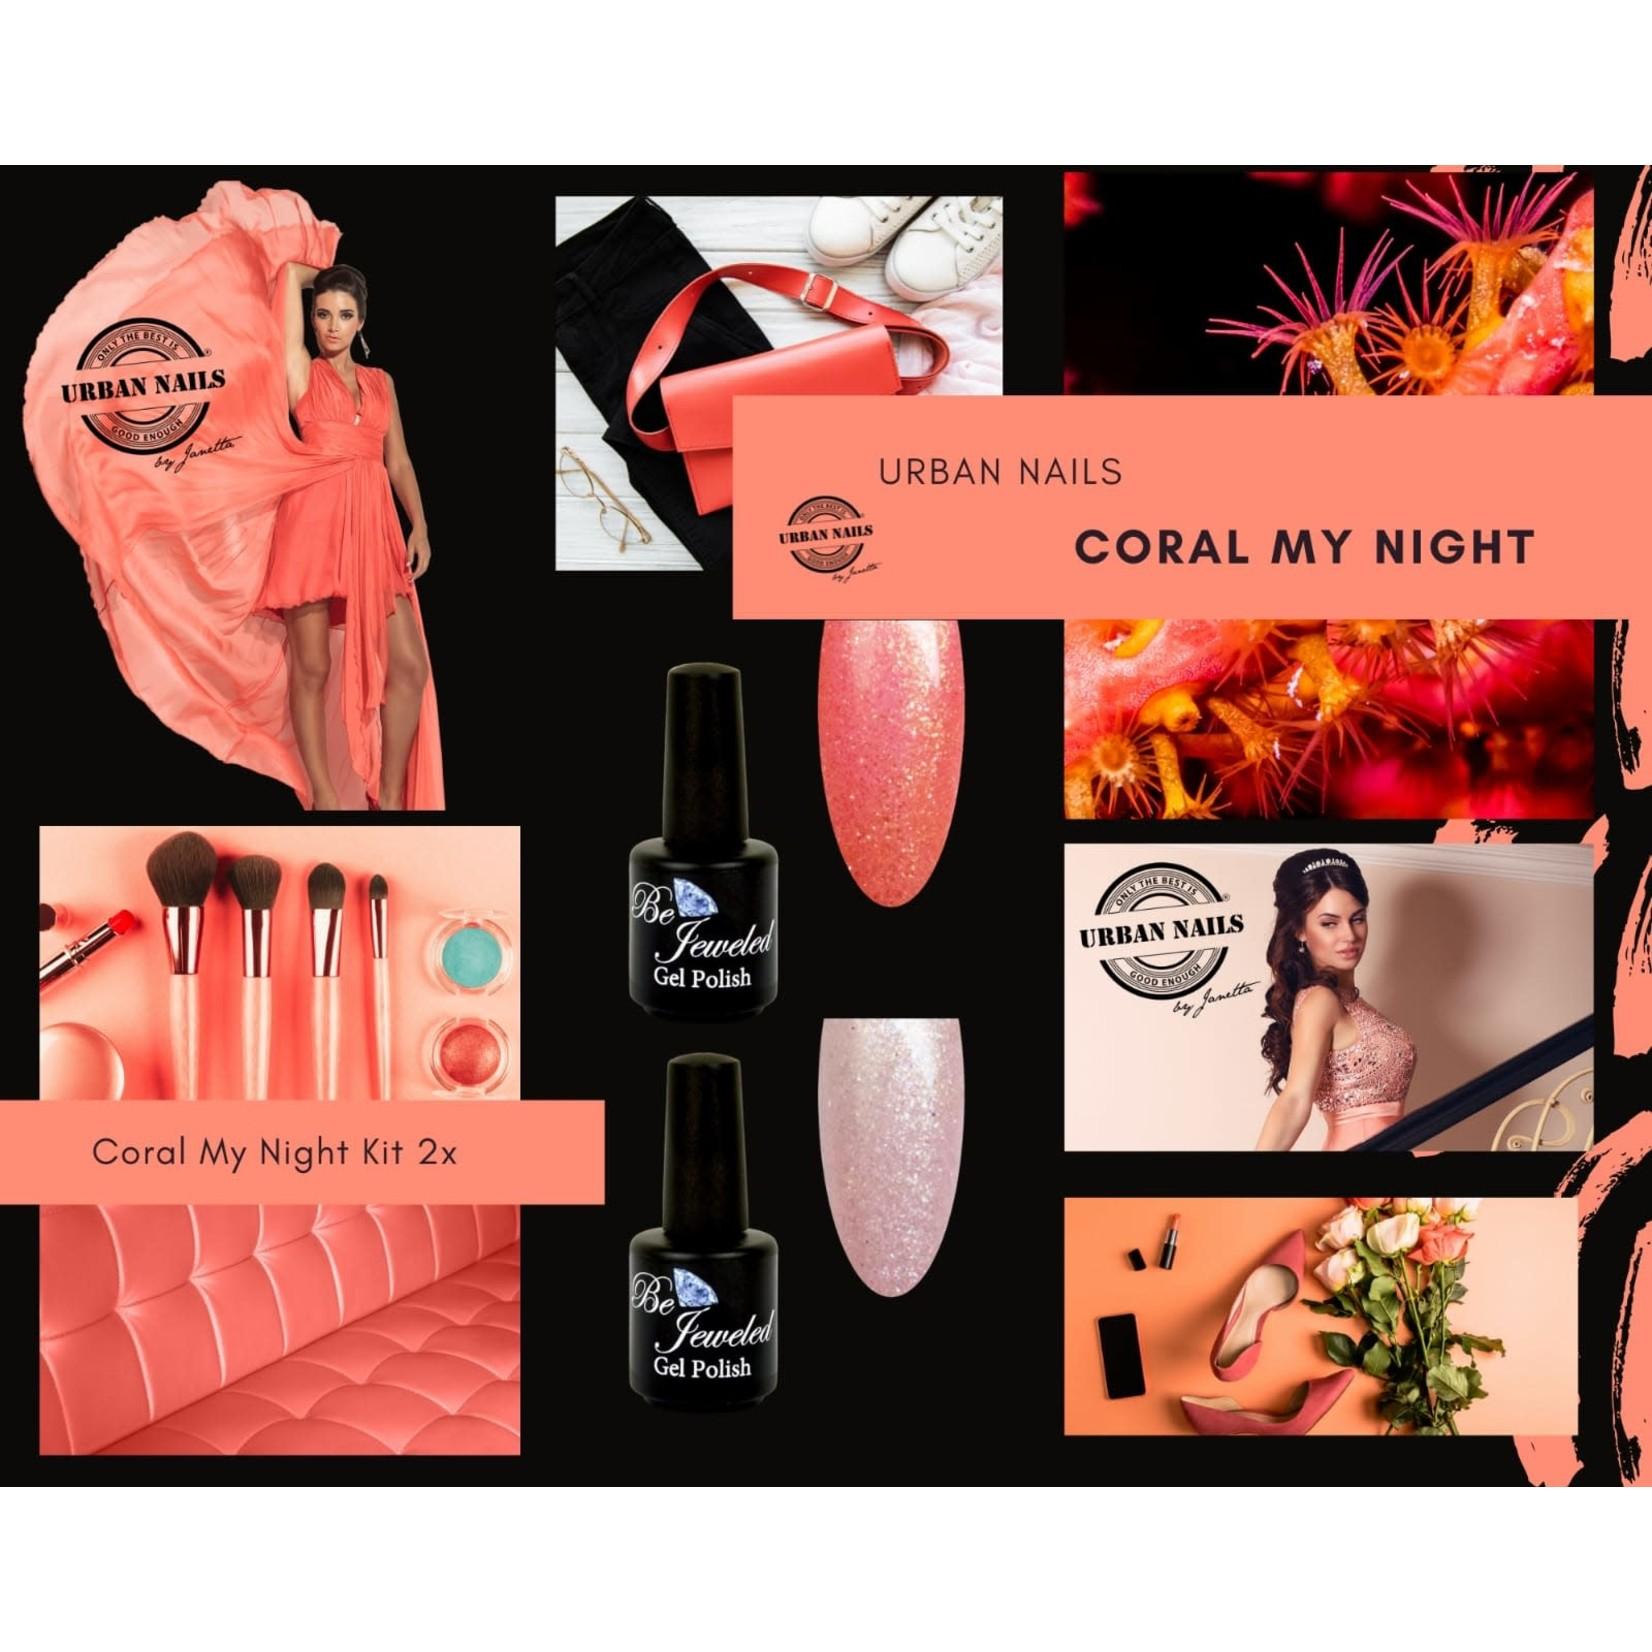 Urban Nails Coral My Night